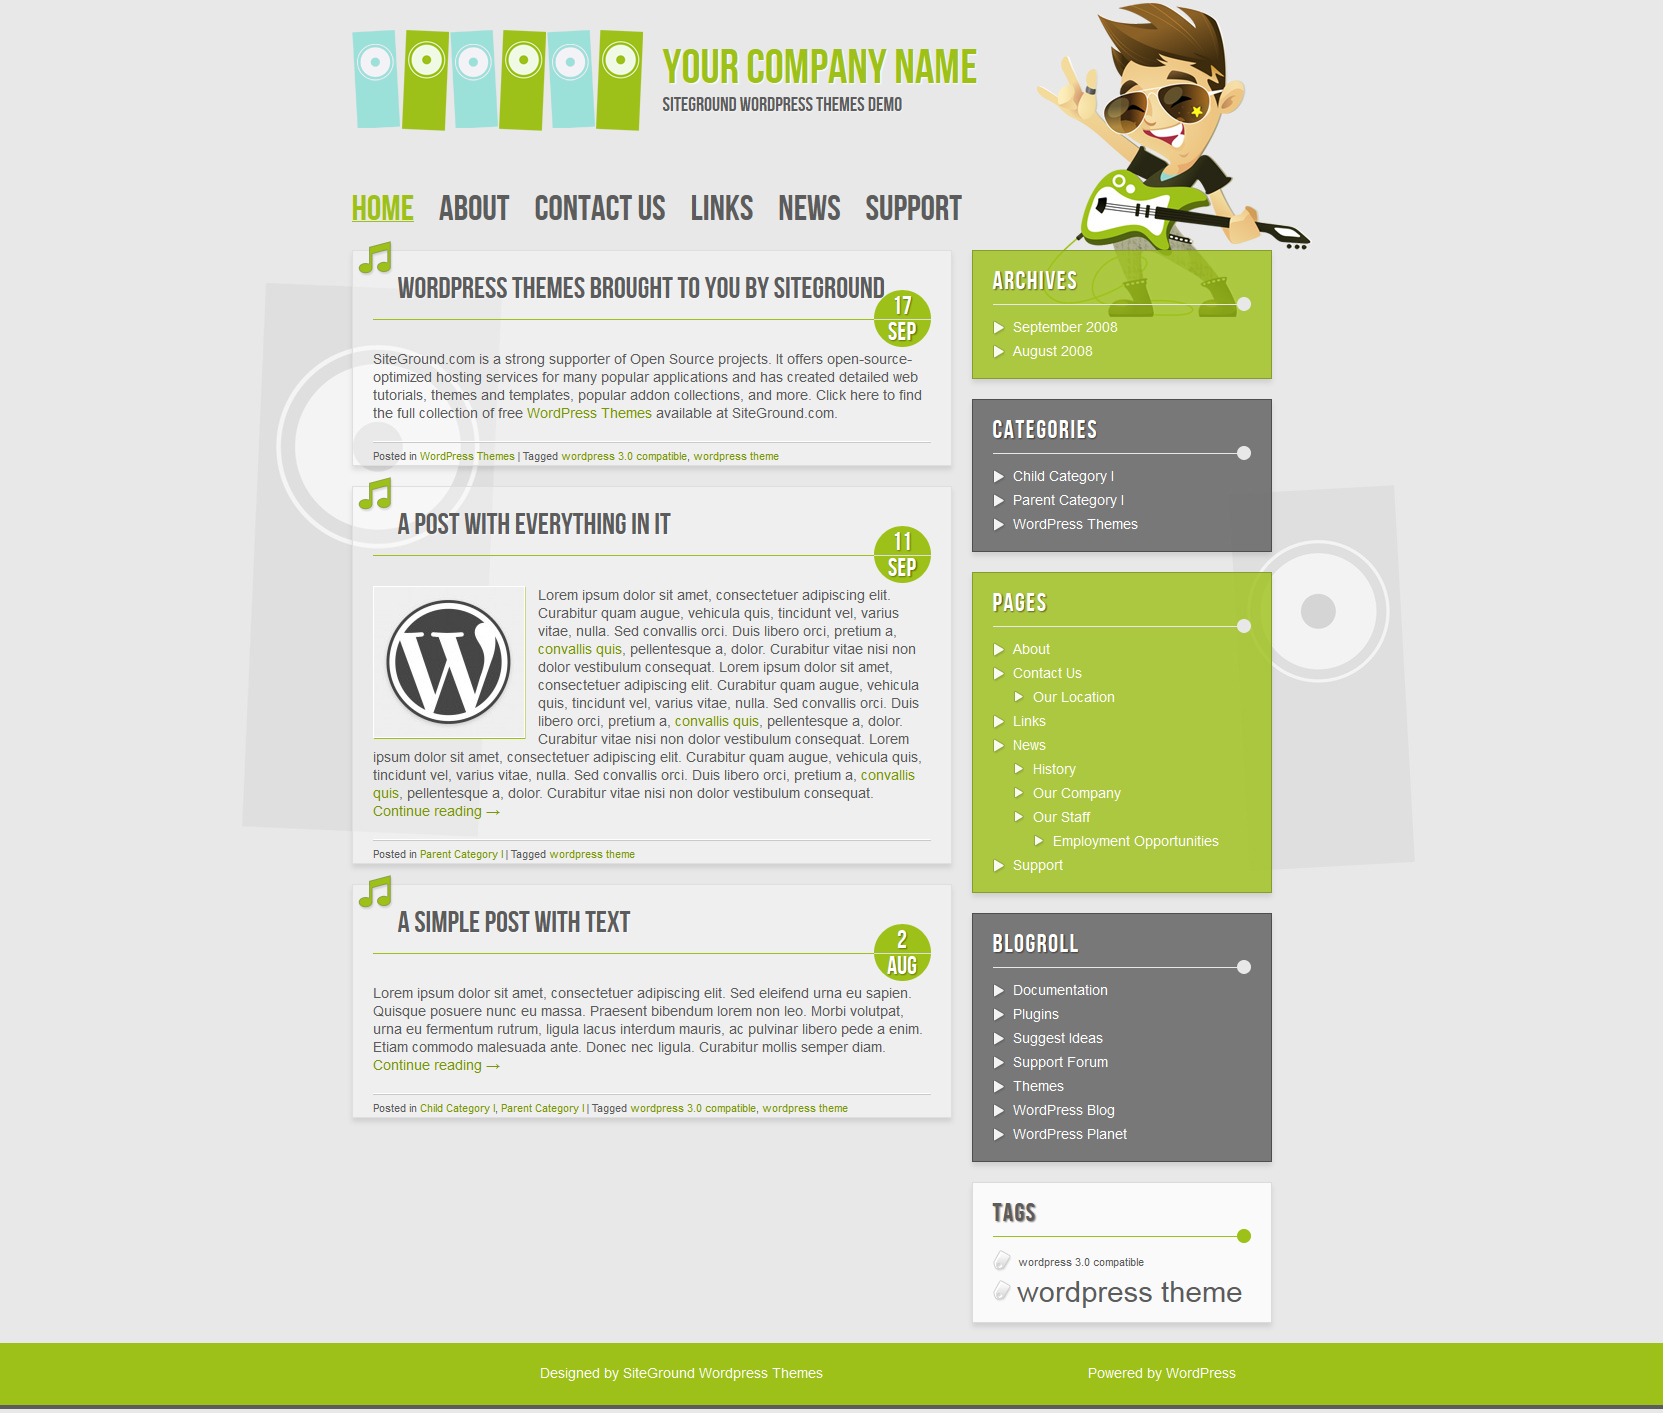 WordPress Theme for SiteGround